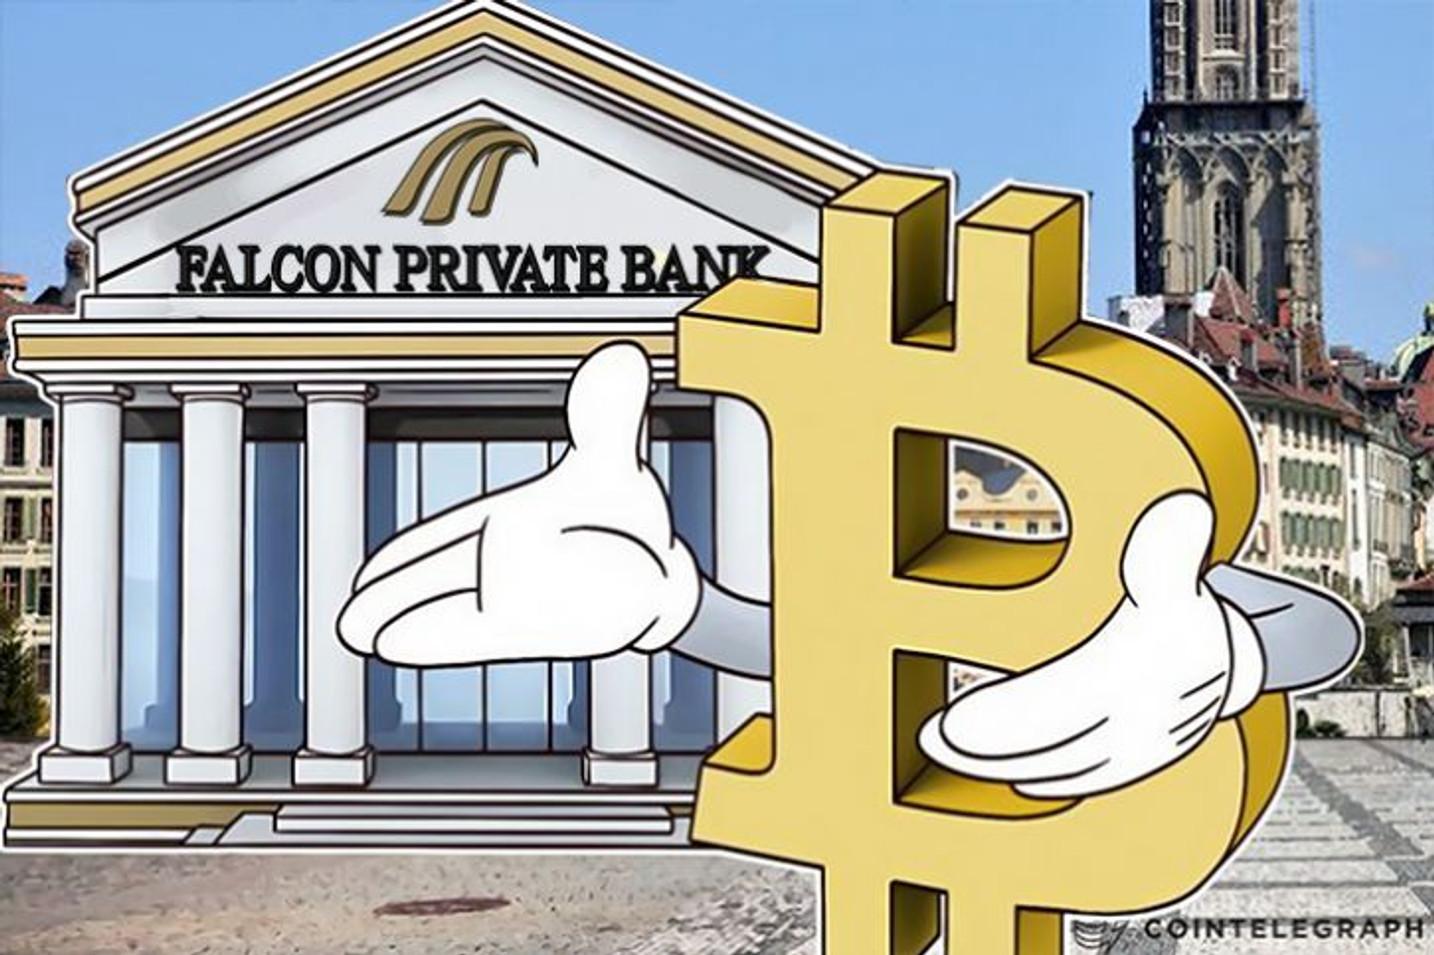 スイス初―Falcon Private Bankが顧客に直接ビットコインを提供するサービスを開始